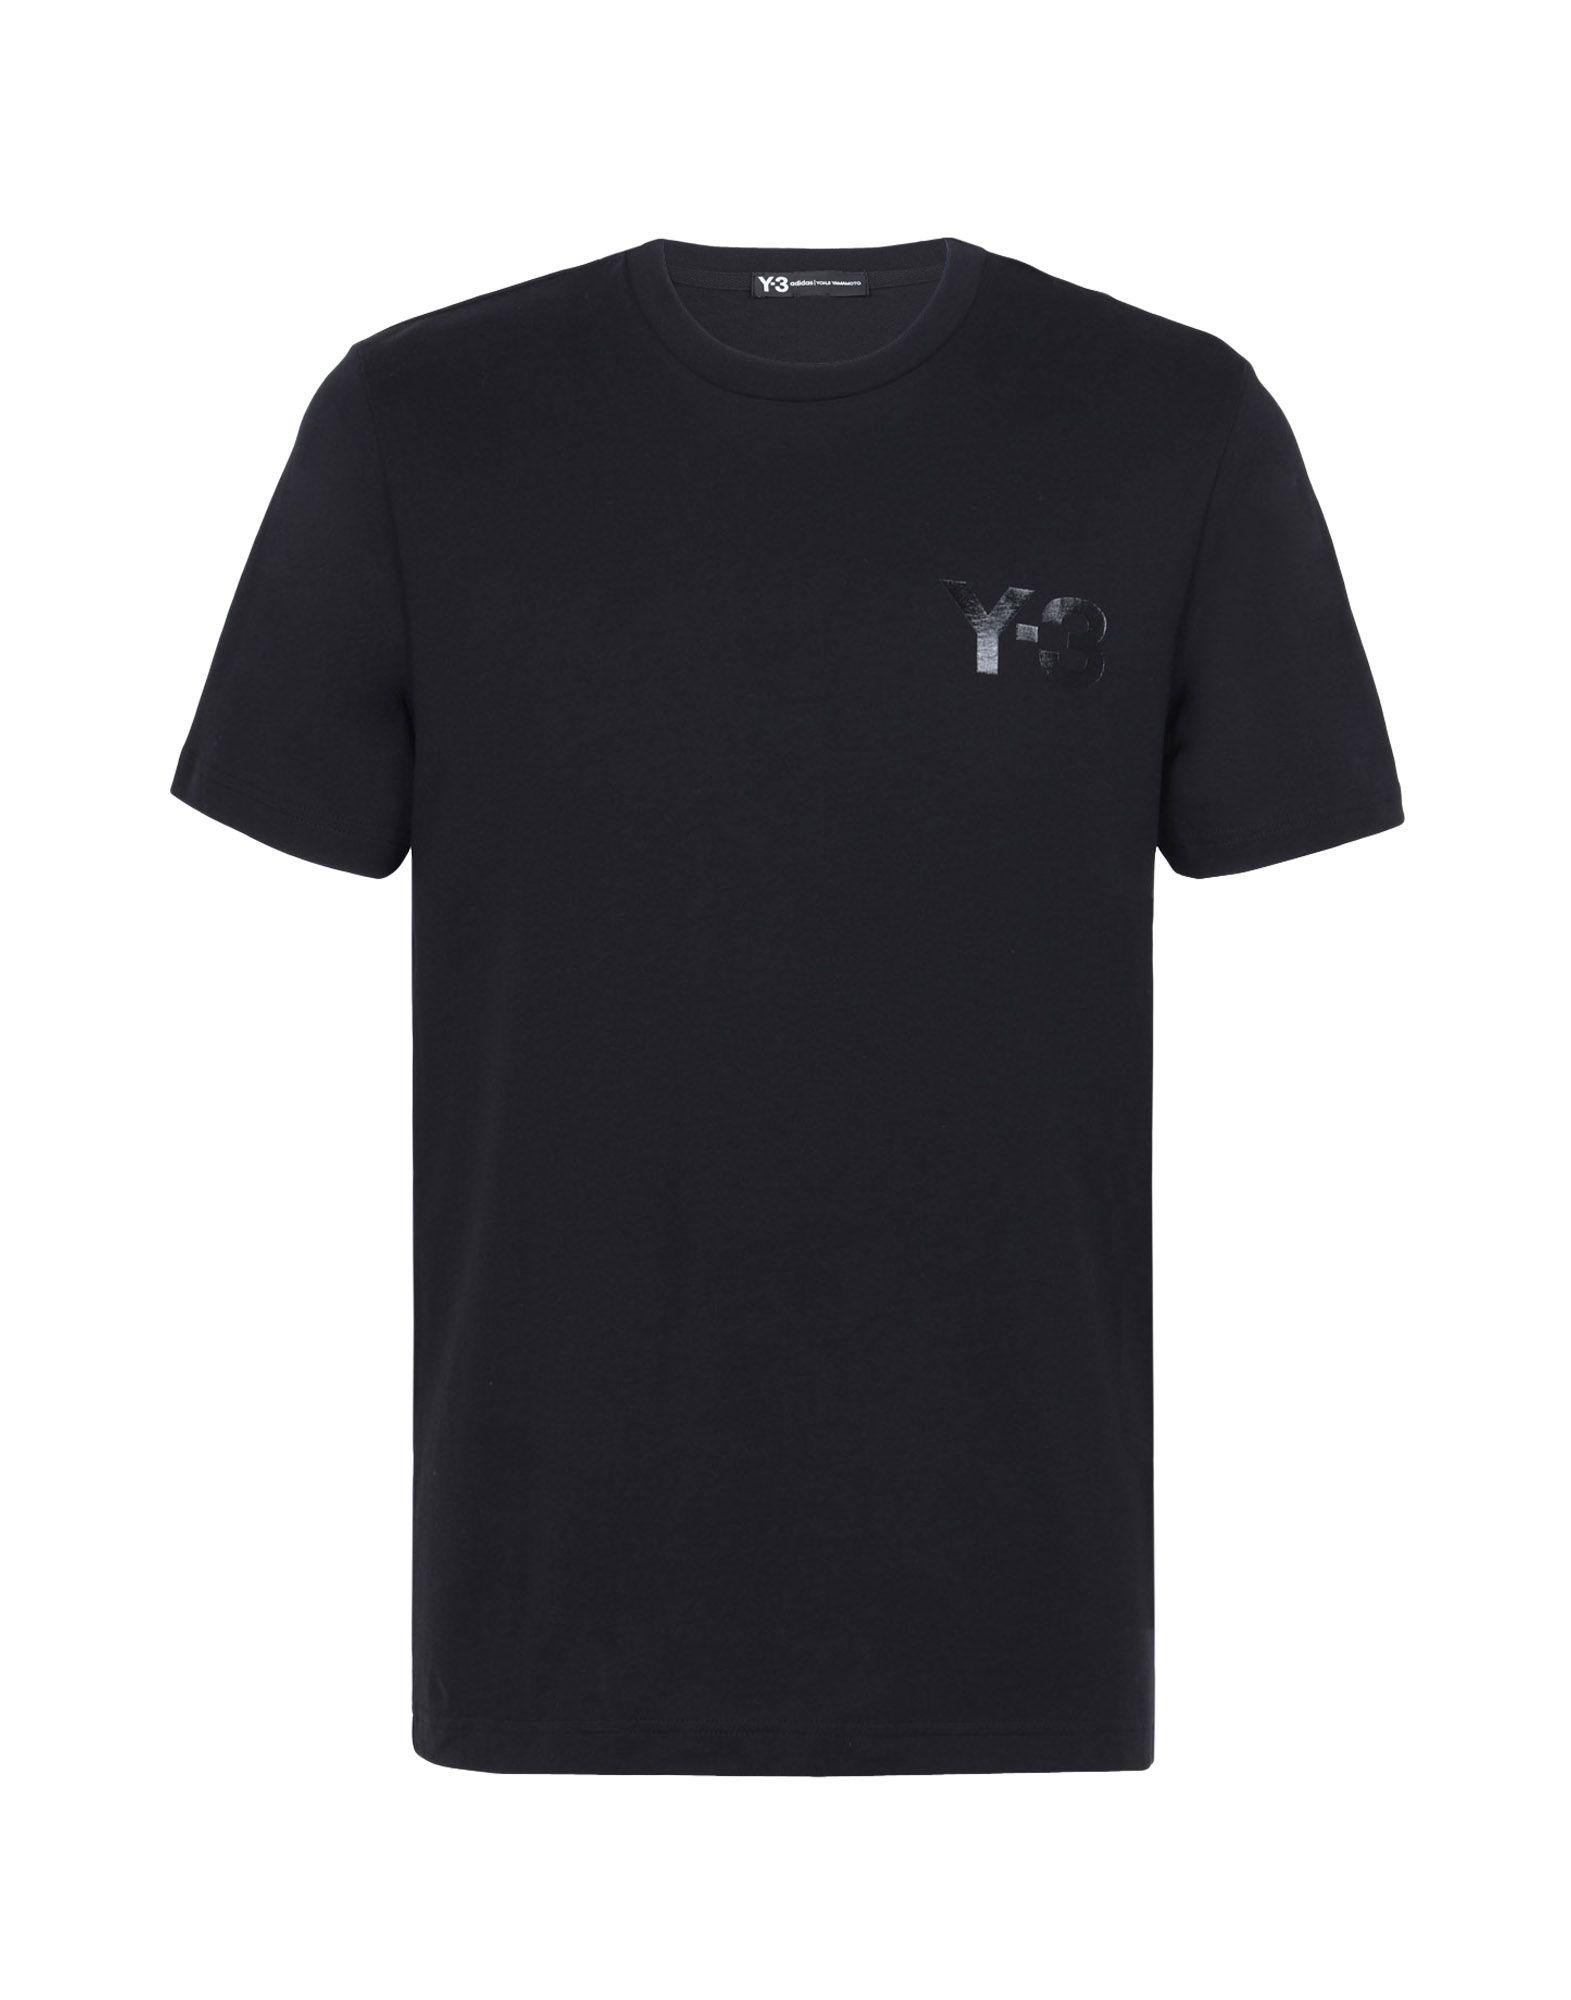 Black t shirt for man - Y 3 Classic T Shirt Tees Polos Man Y 3 Adidas